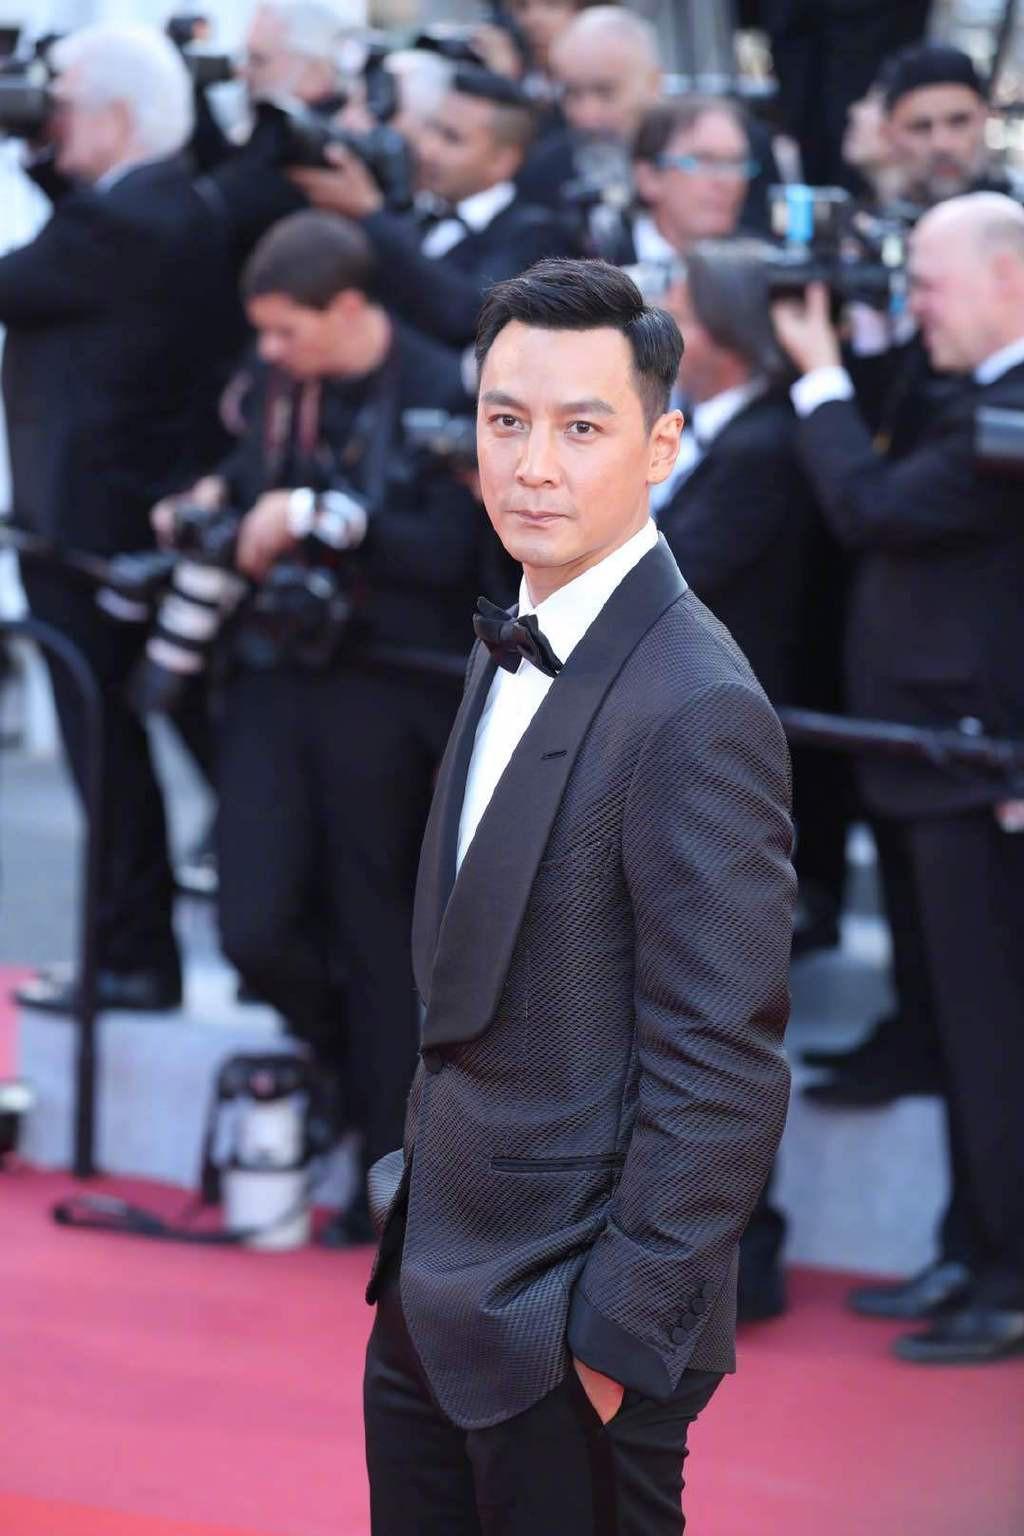 Thảm đỏ Cannes ngày 3: HLV The Face Thái Lan bất ngờ vùng lên chặt chém Bella Hadid cùng dàn mỹ nhân váy xẻ - Ảnh 27.